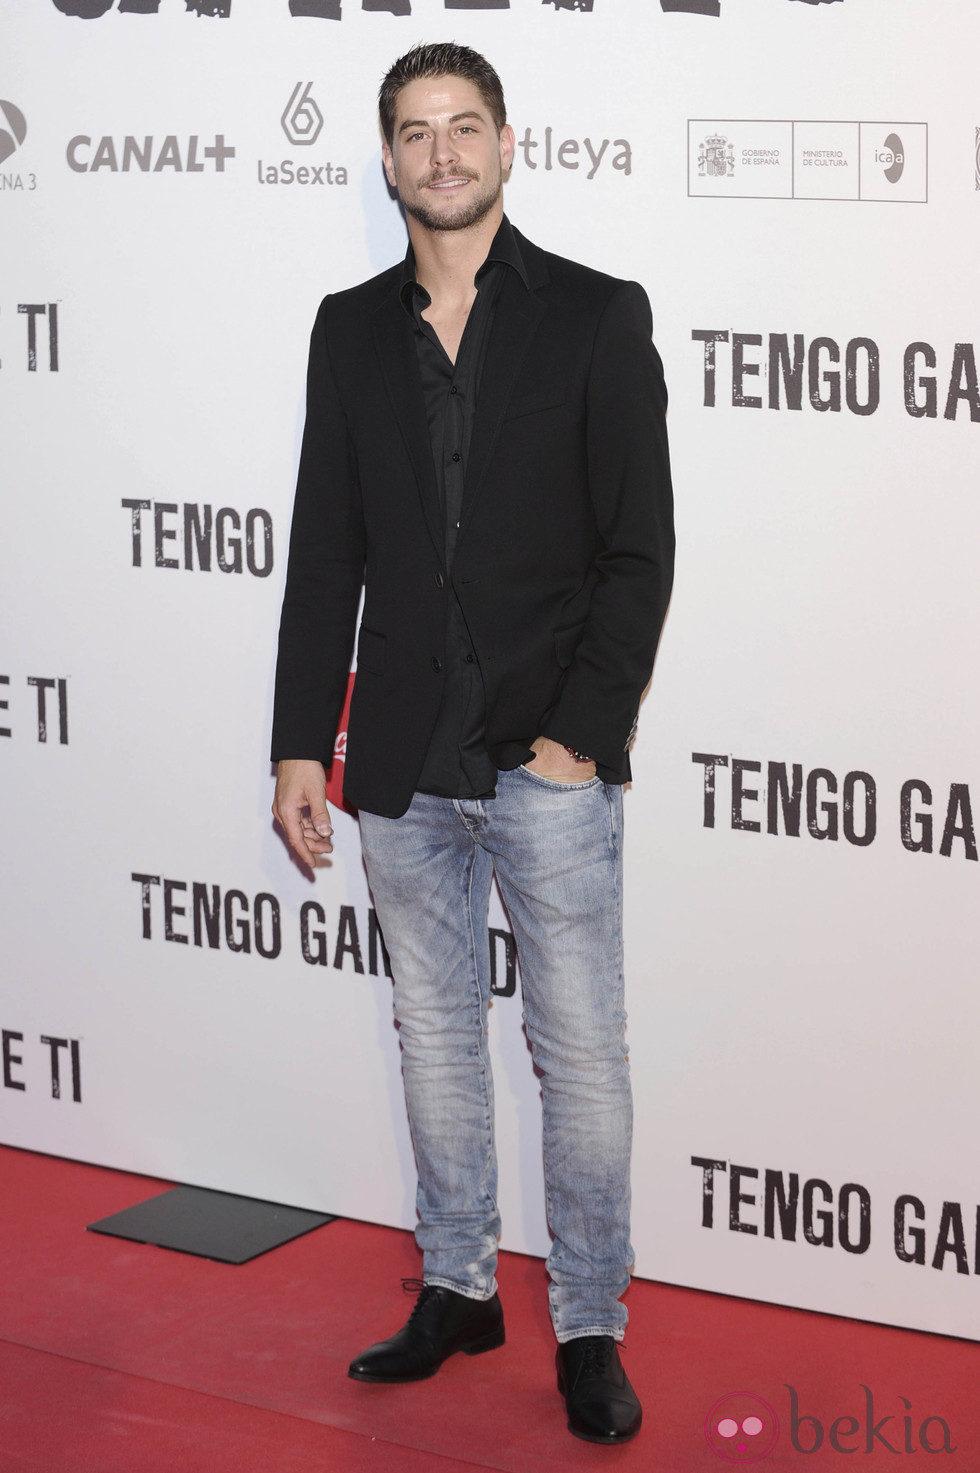 Luis Fernández en el preestreno de 'Tengo ganas de ti' en Madrid